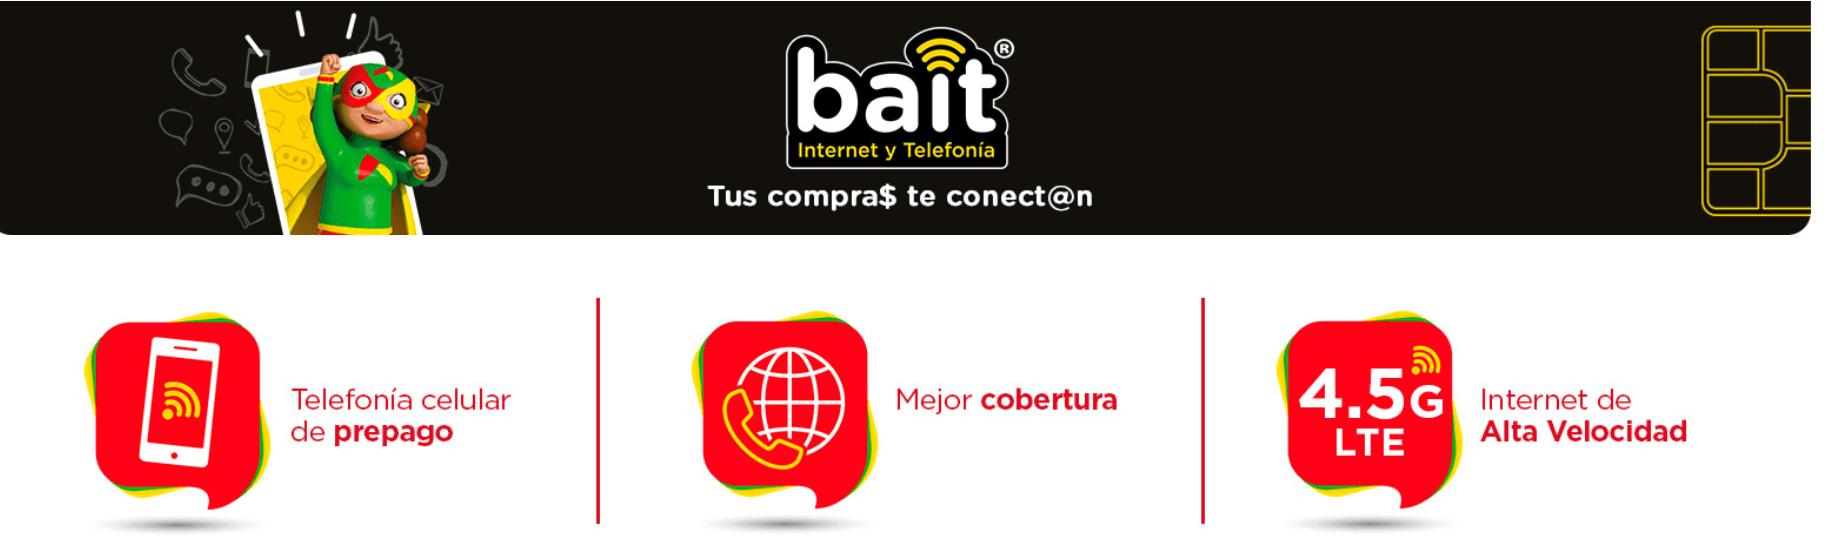 Imagen de Todo Sobre BAIT - Recargas, Chips y Planes de la nueva telefonía de Bodega Aurrera 10